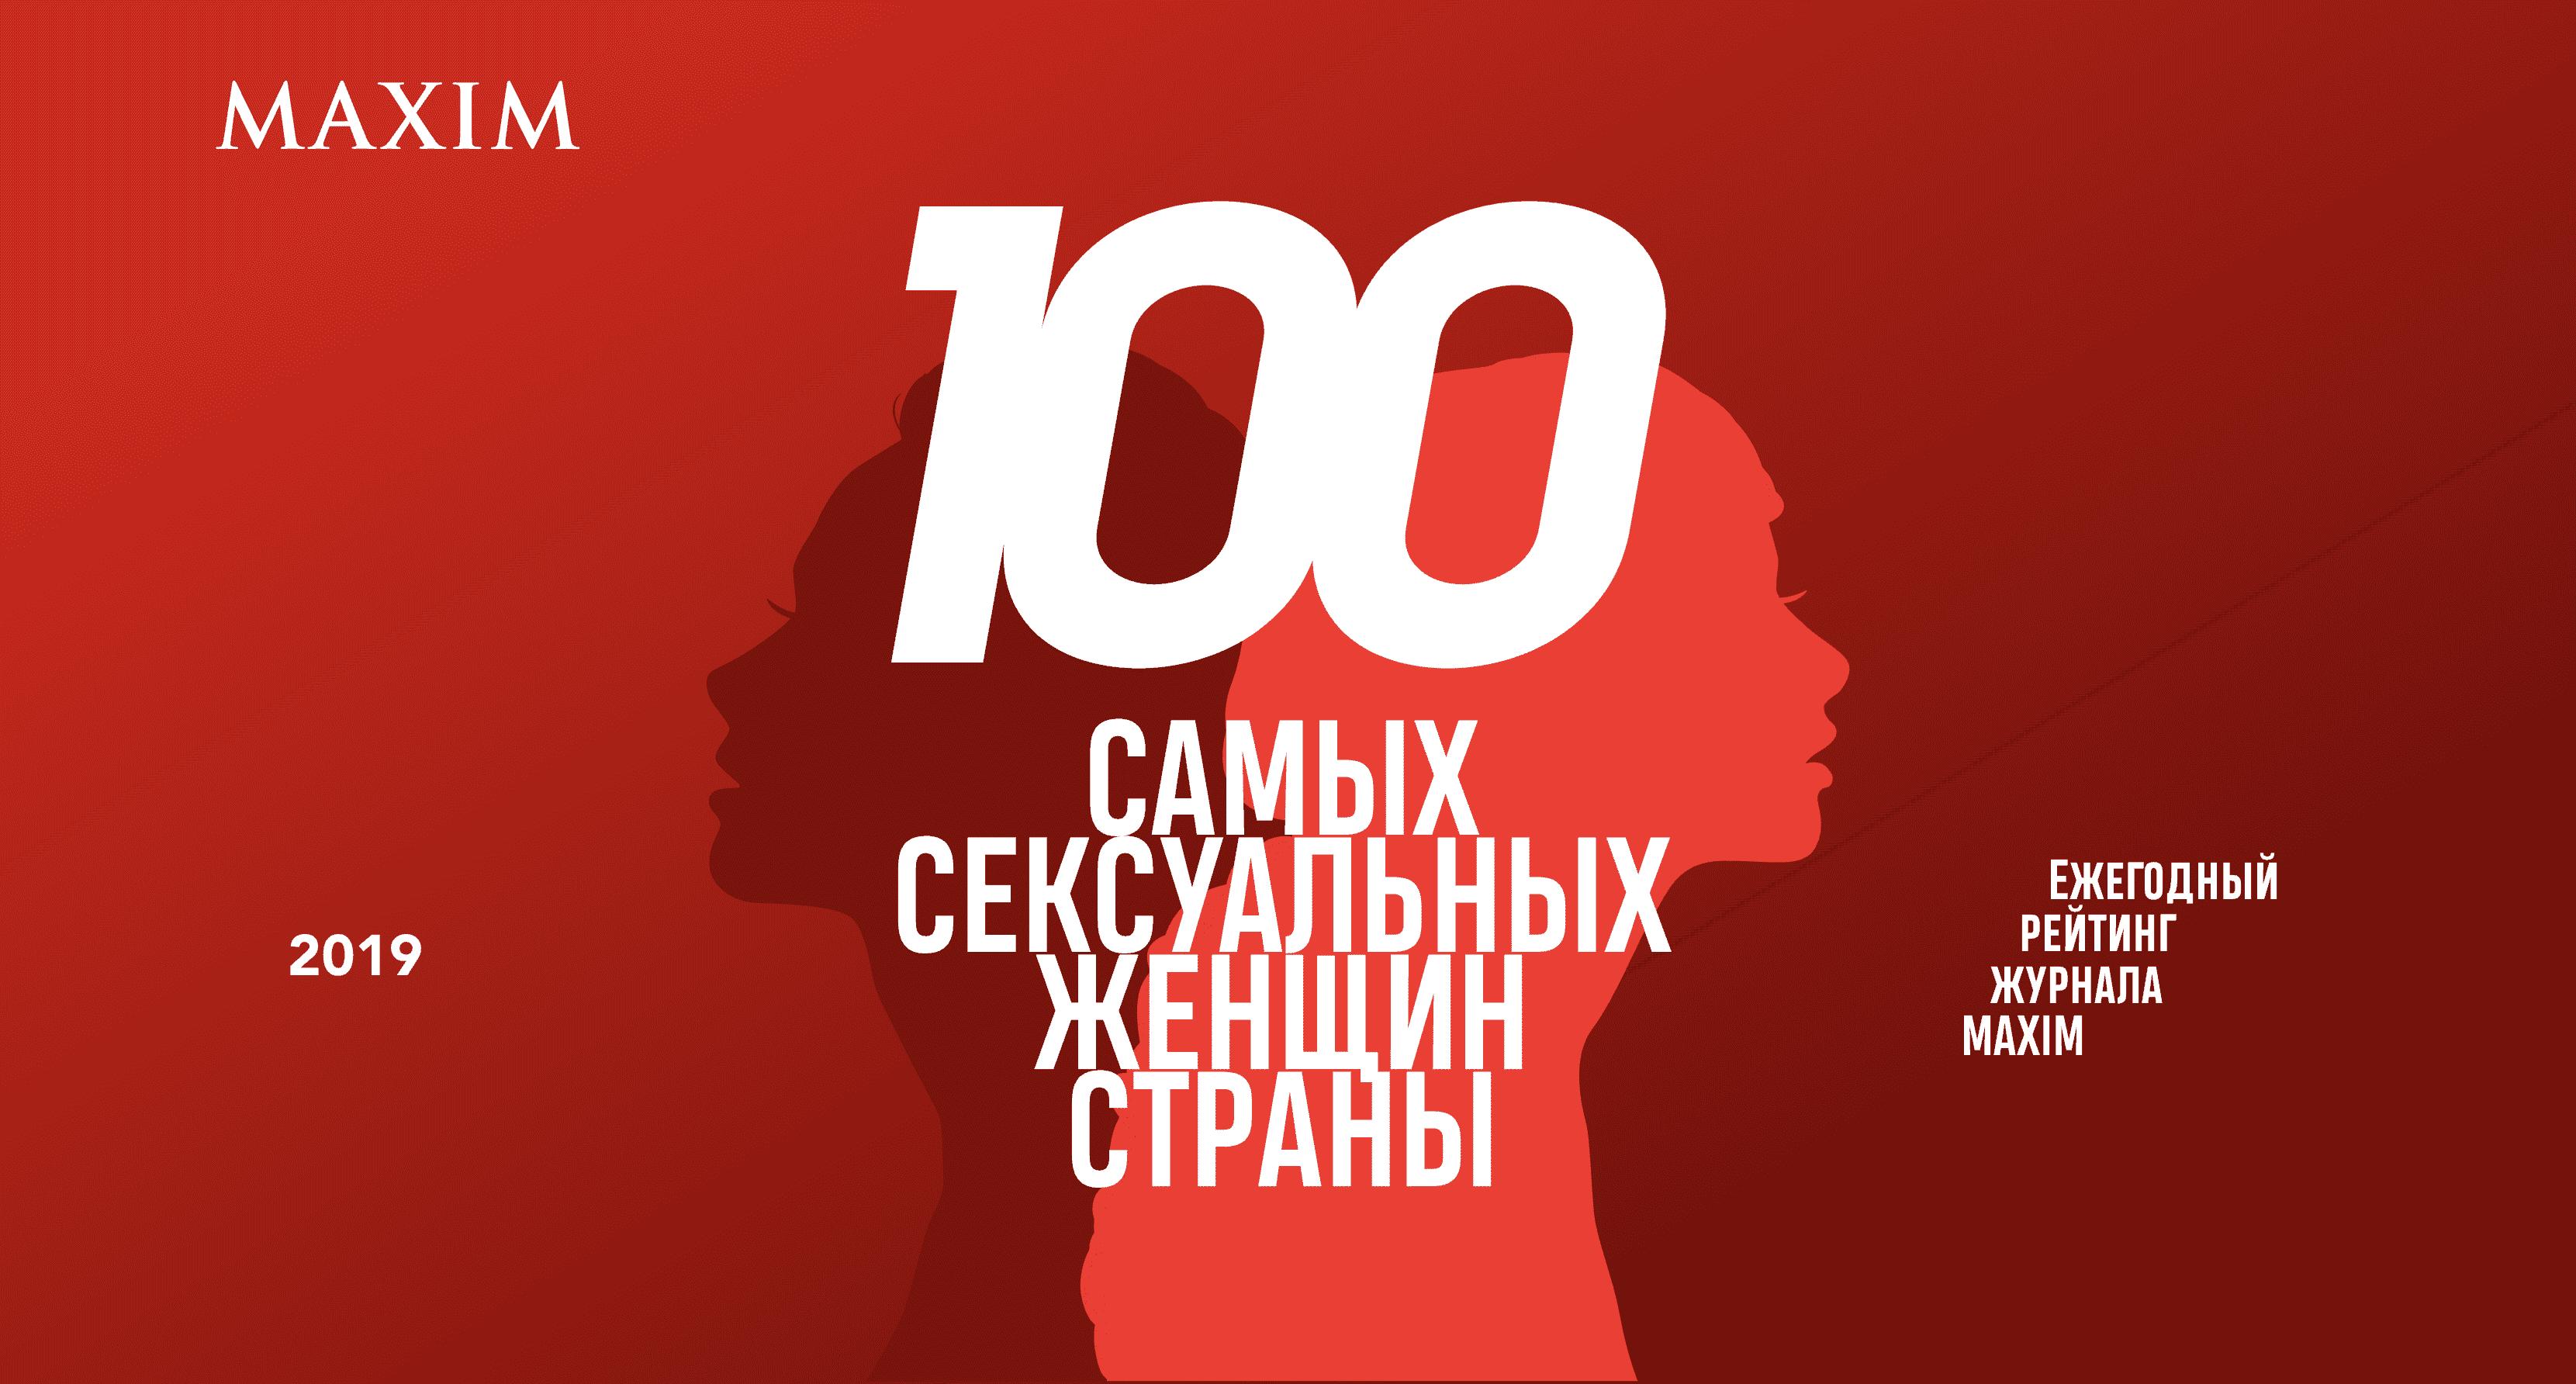 Настя каменских maxim hd